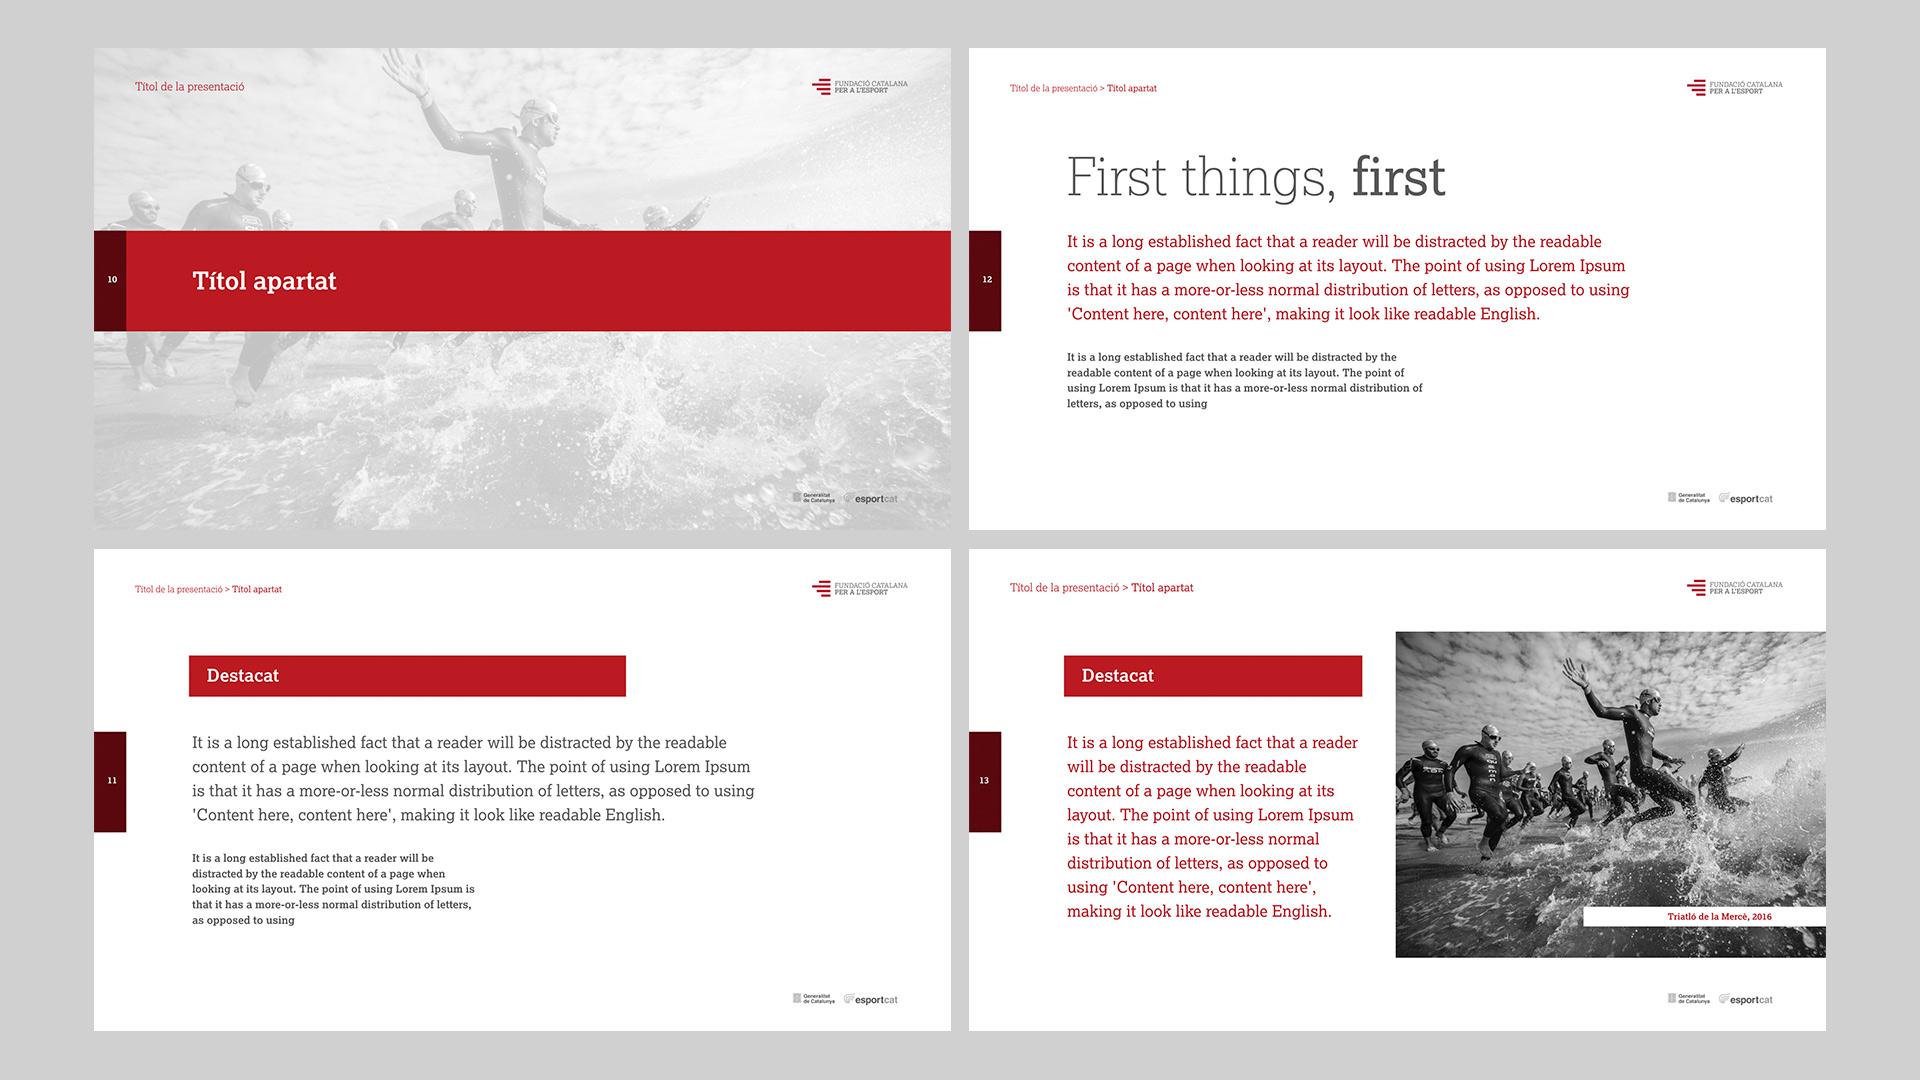 Diseño Marca Identidad corporativa Fundació Catalana per a l'Esport - Keynote